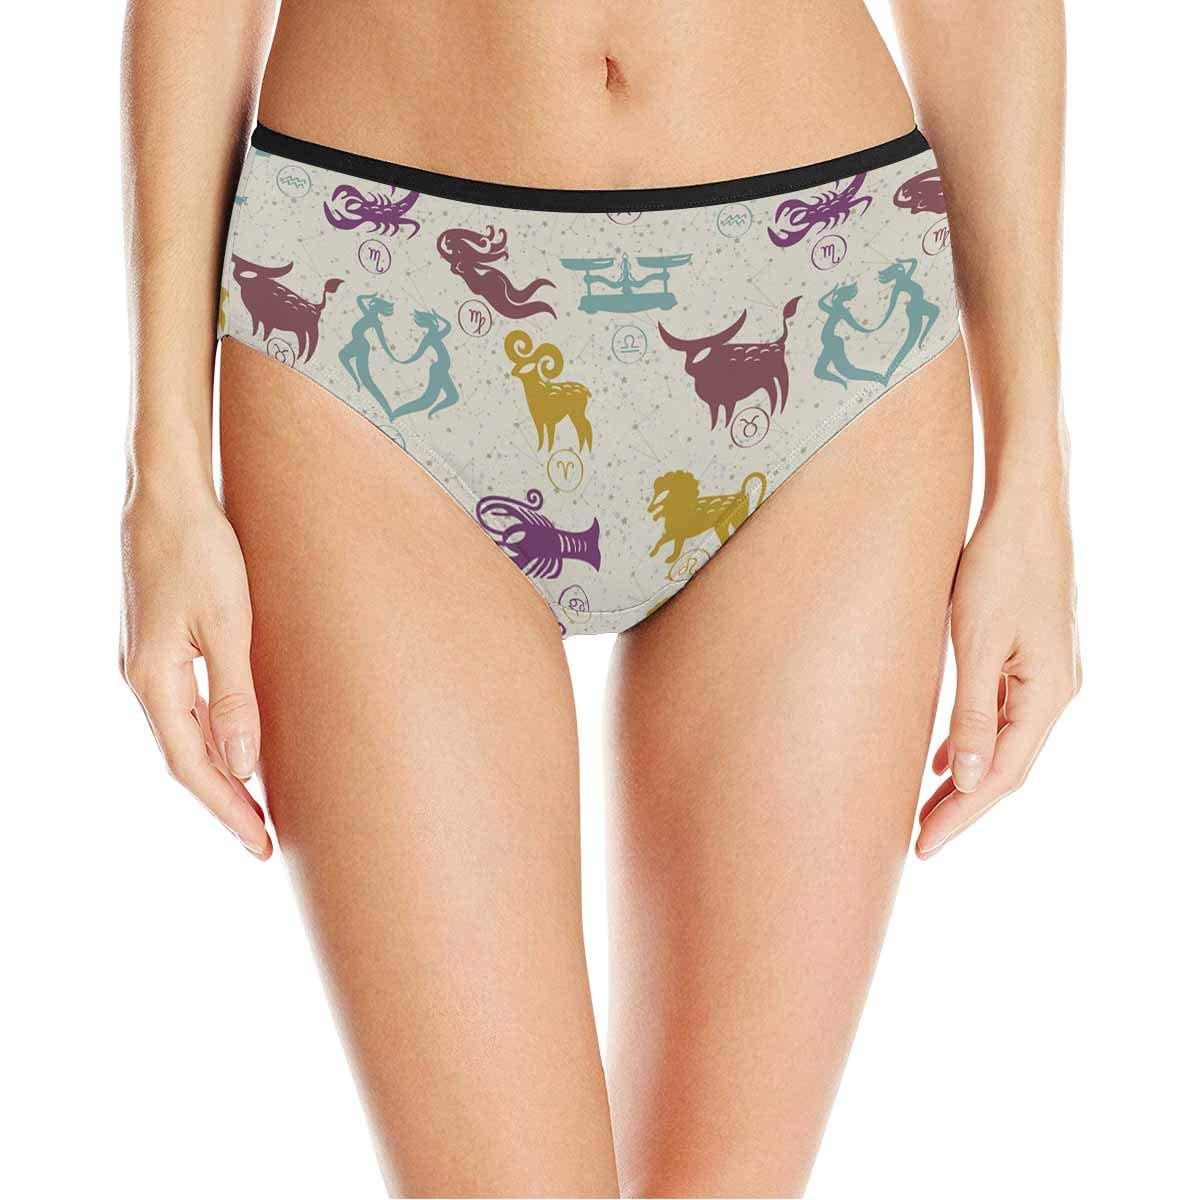 XS-3XL INTERESTPRINT Womens High Waist Underwear Soft Panties